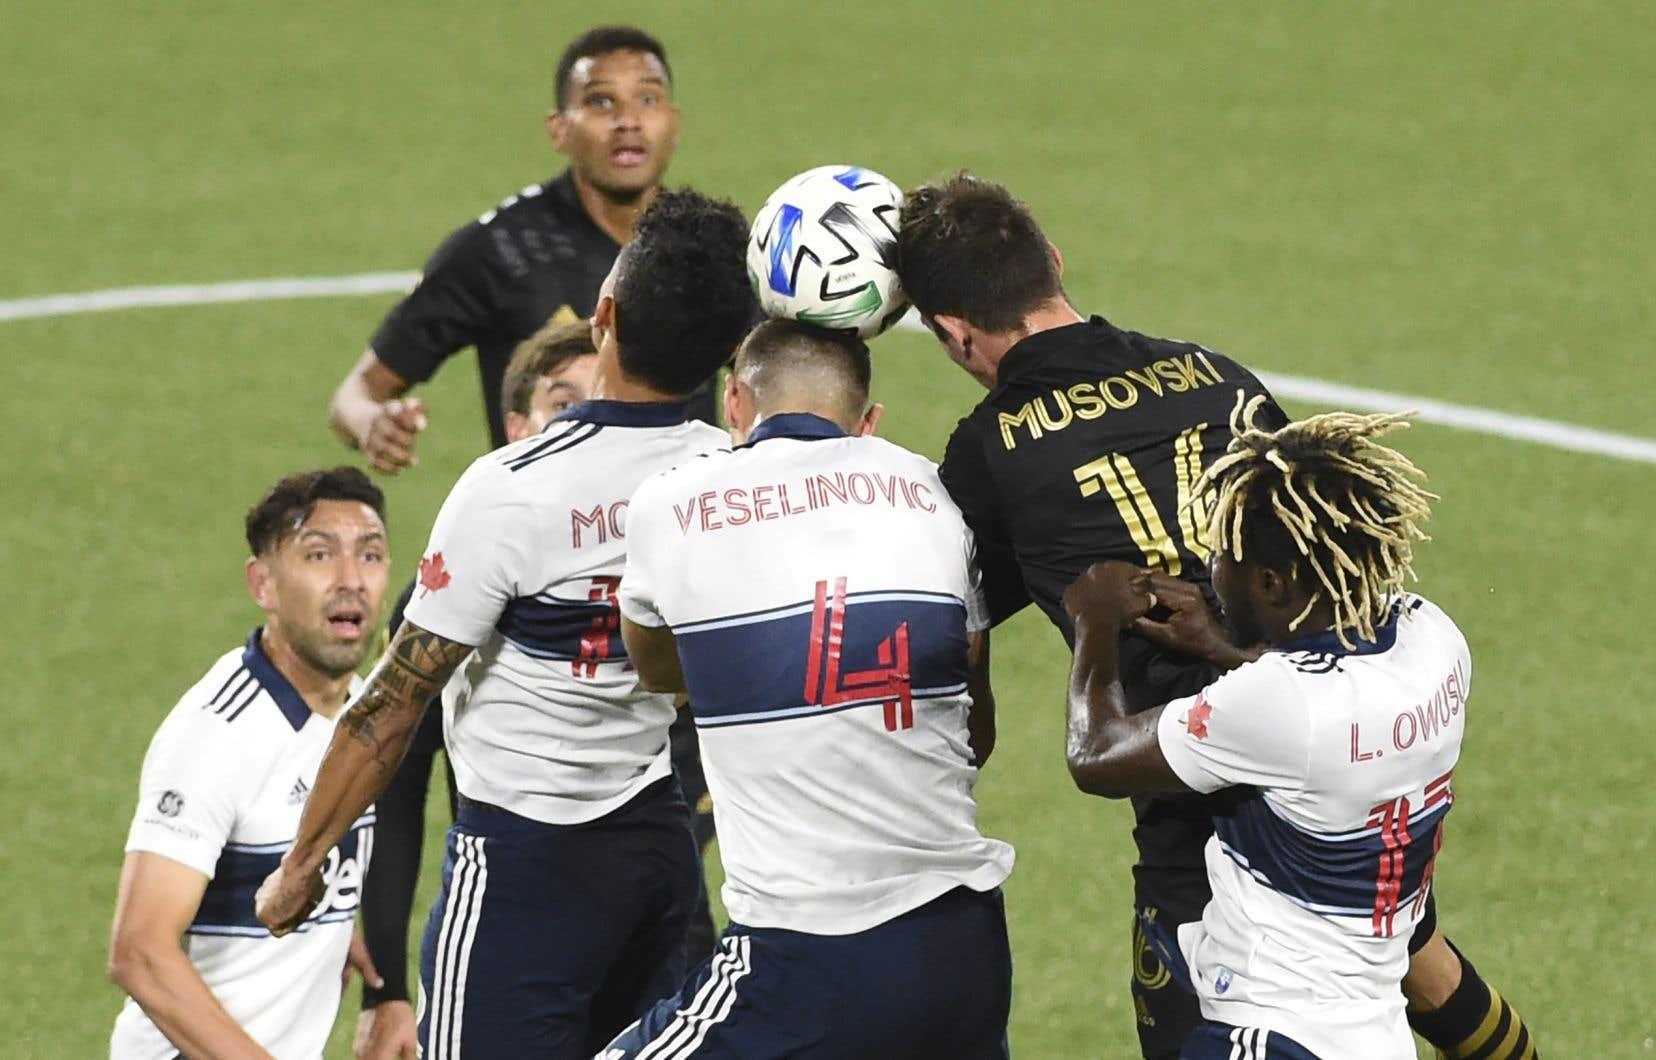 Les changements autorisés en raison d'une commotion cérébrale pourront être effectués même si le joueur en question est revenu sur le terrain.